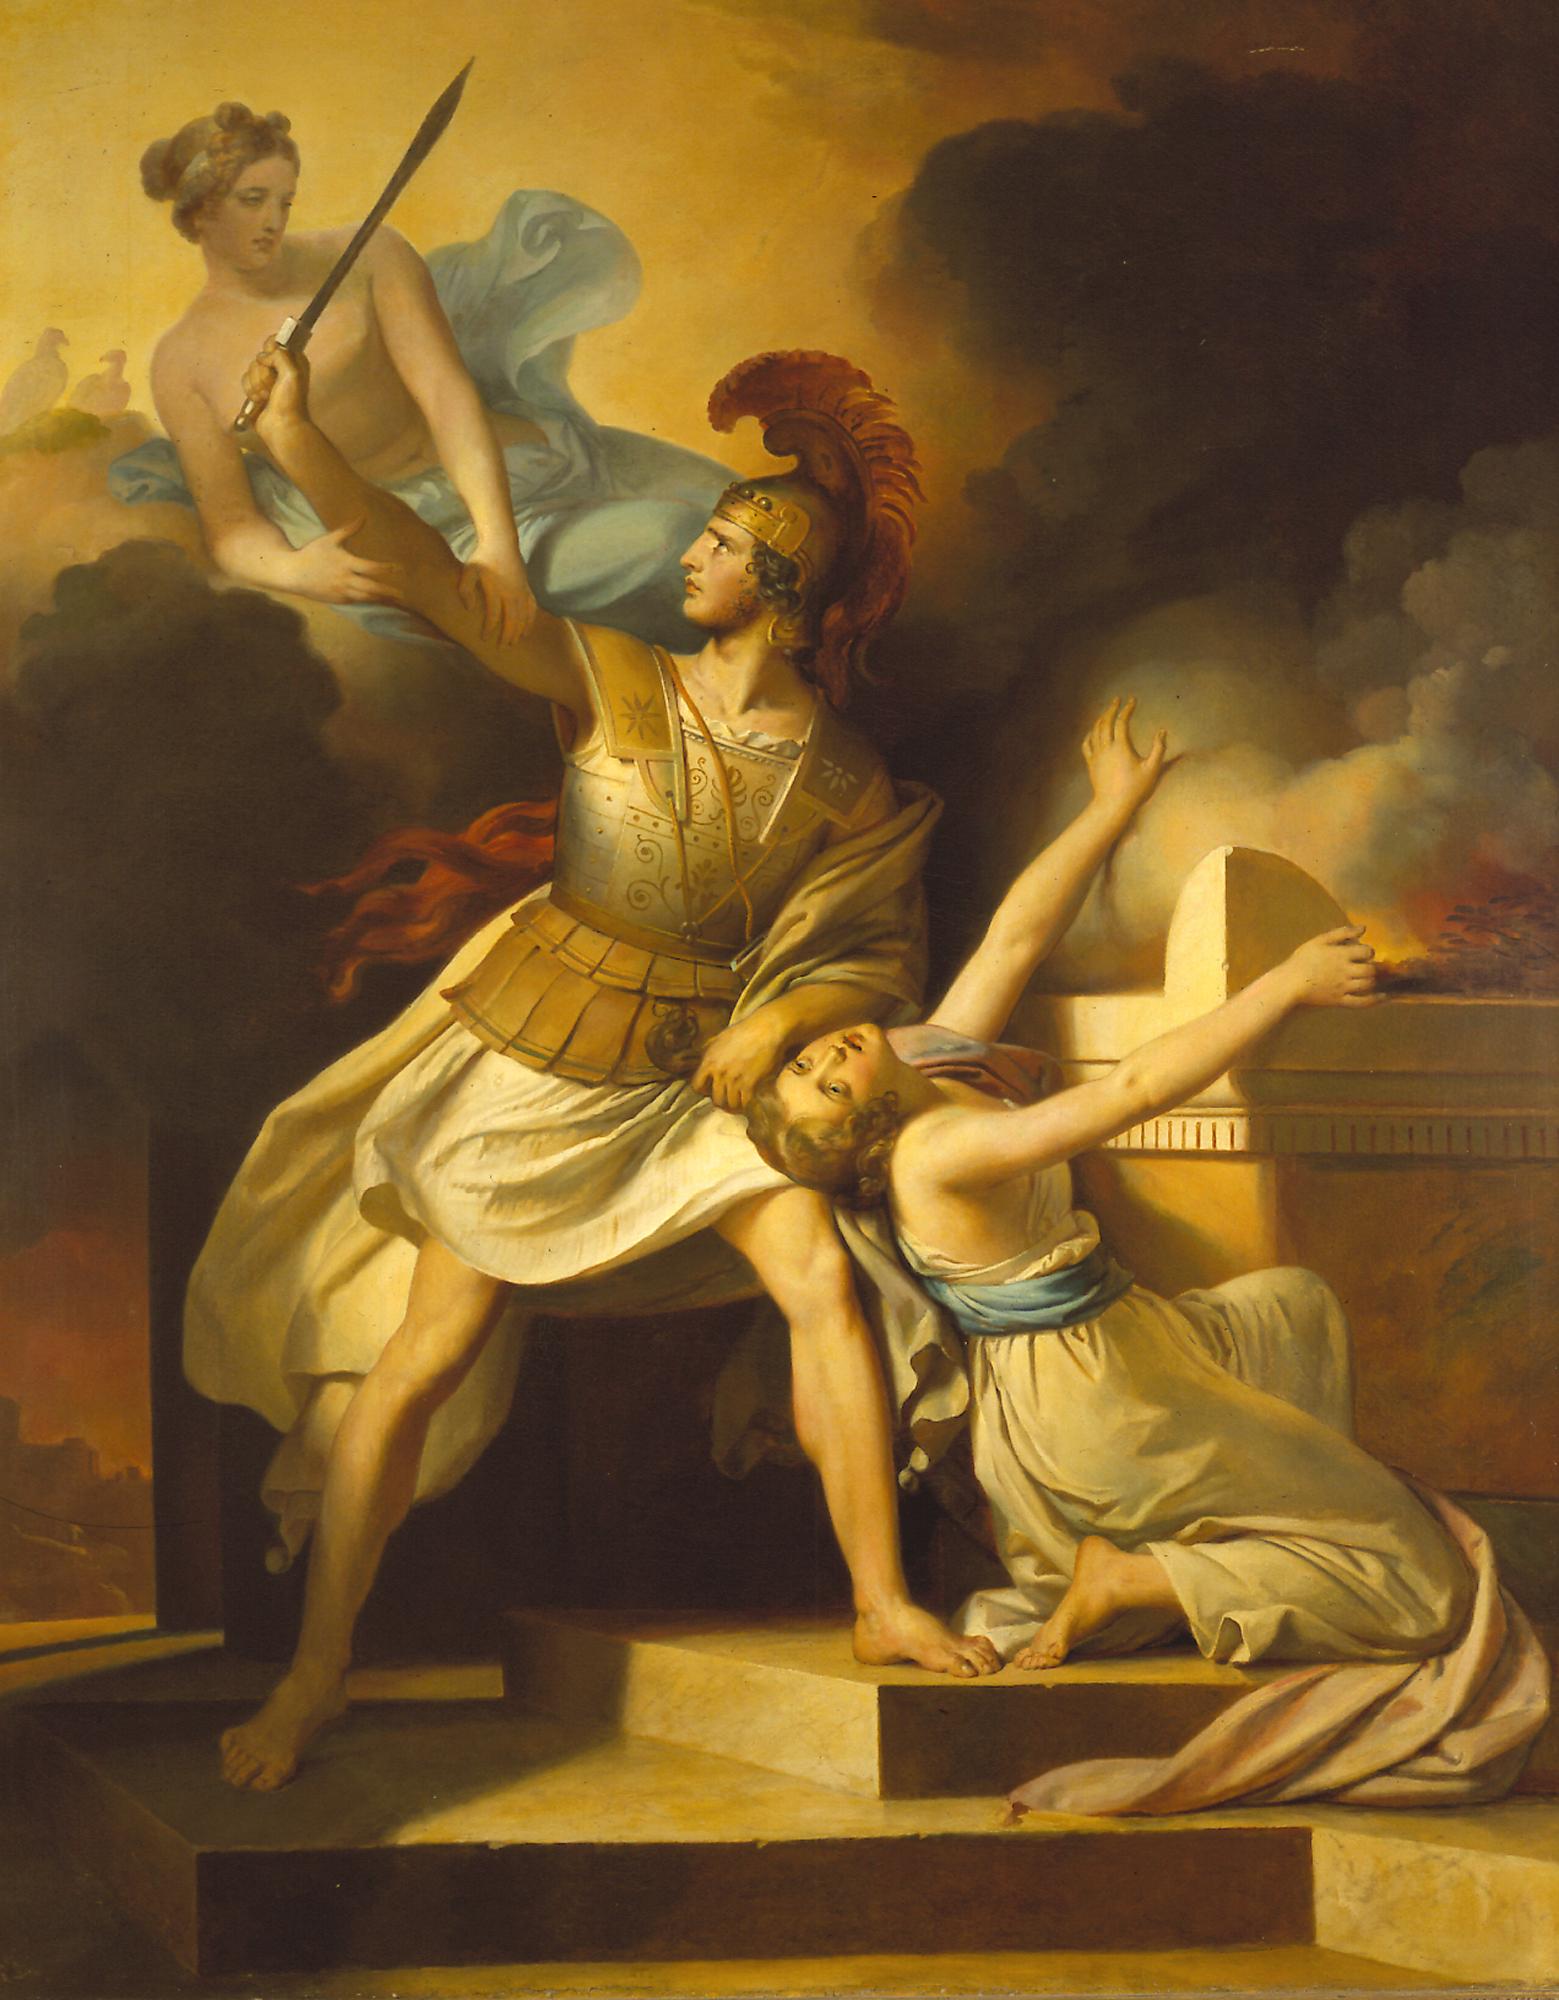 Alexandre-Évariste Fragonard - Vénus apparait à Enée et l'empêche d'immoler Hélène © Musée de Valence, photo Adam Repska